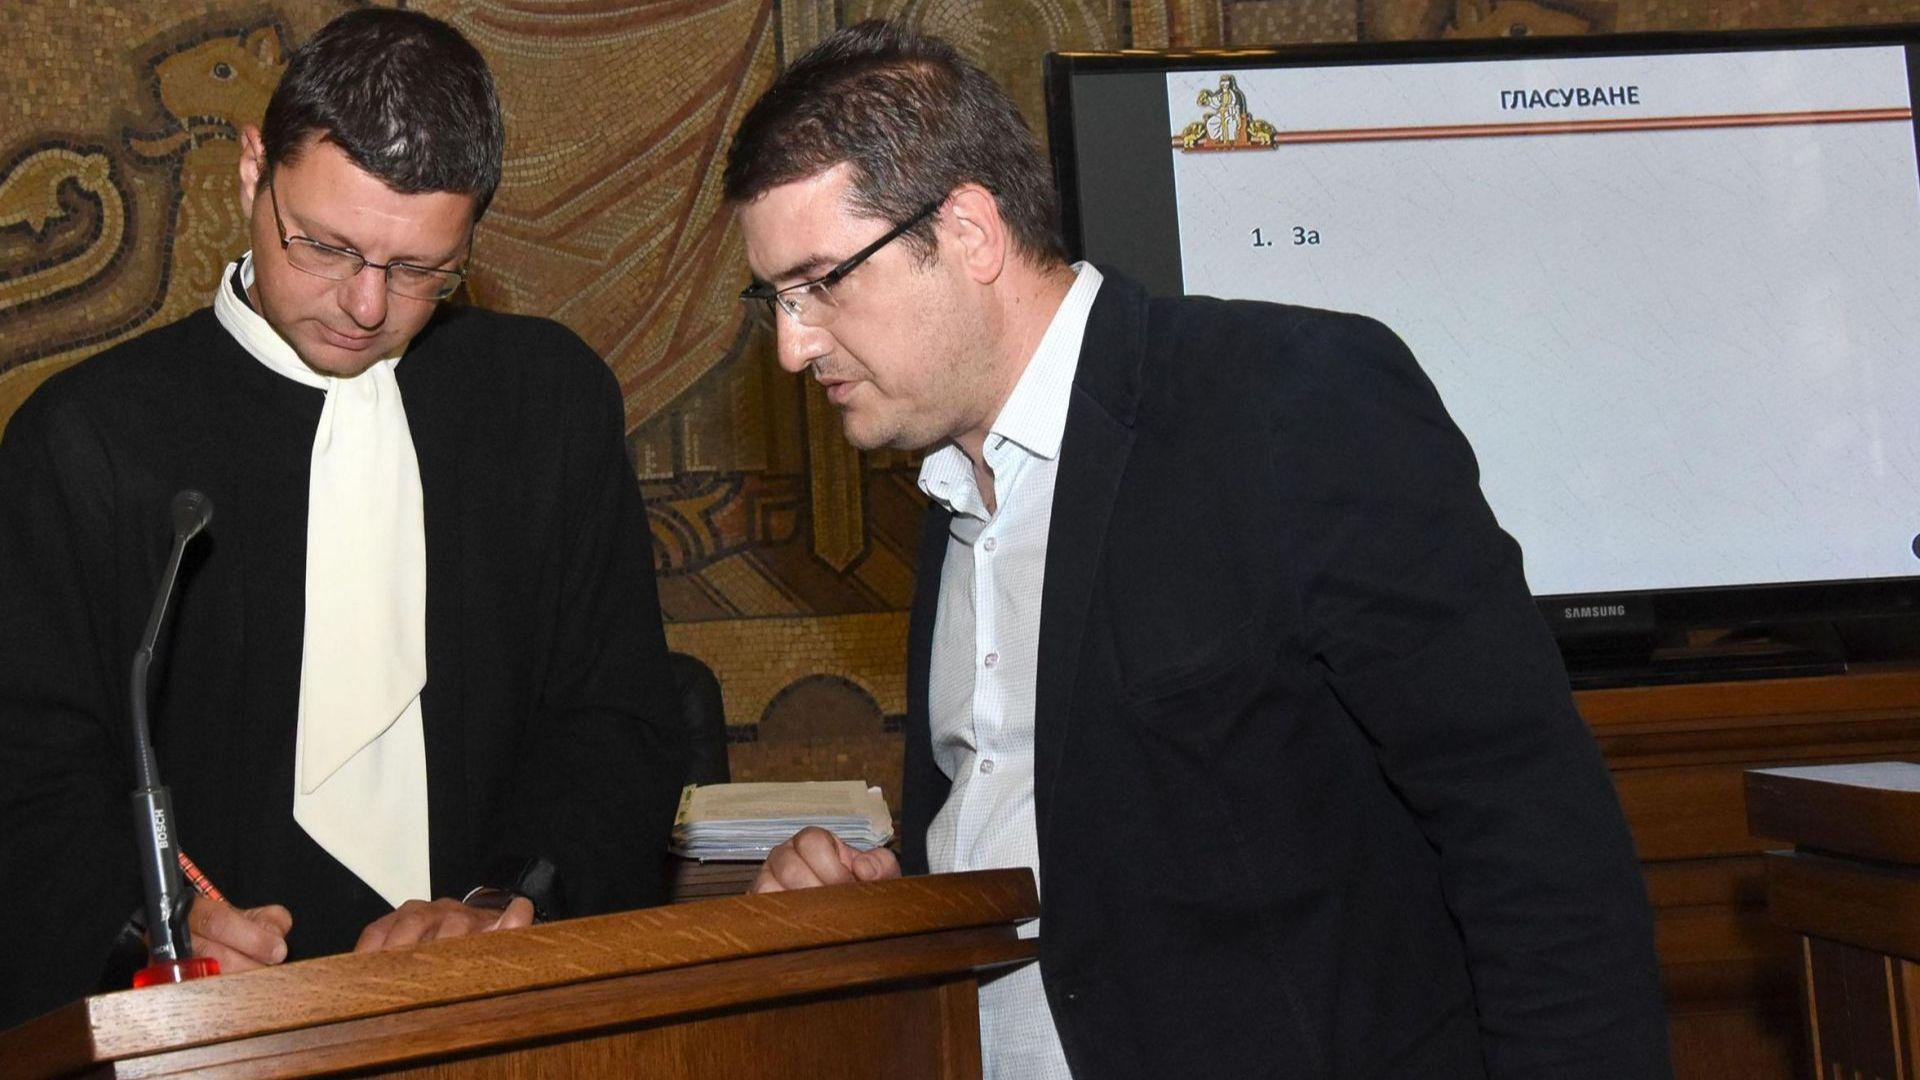 Красимир Влахов е кандидатът на ГЕРБ за конституционен съдия